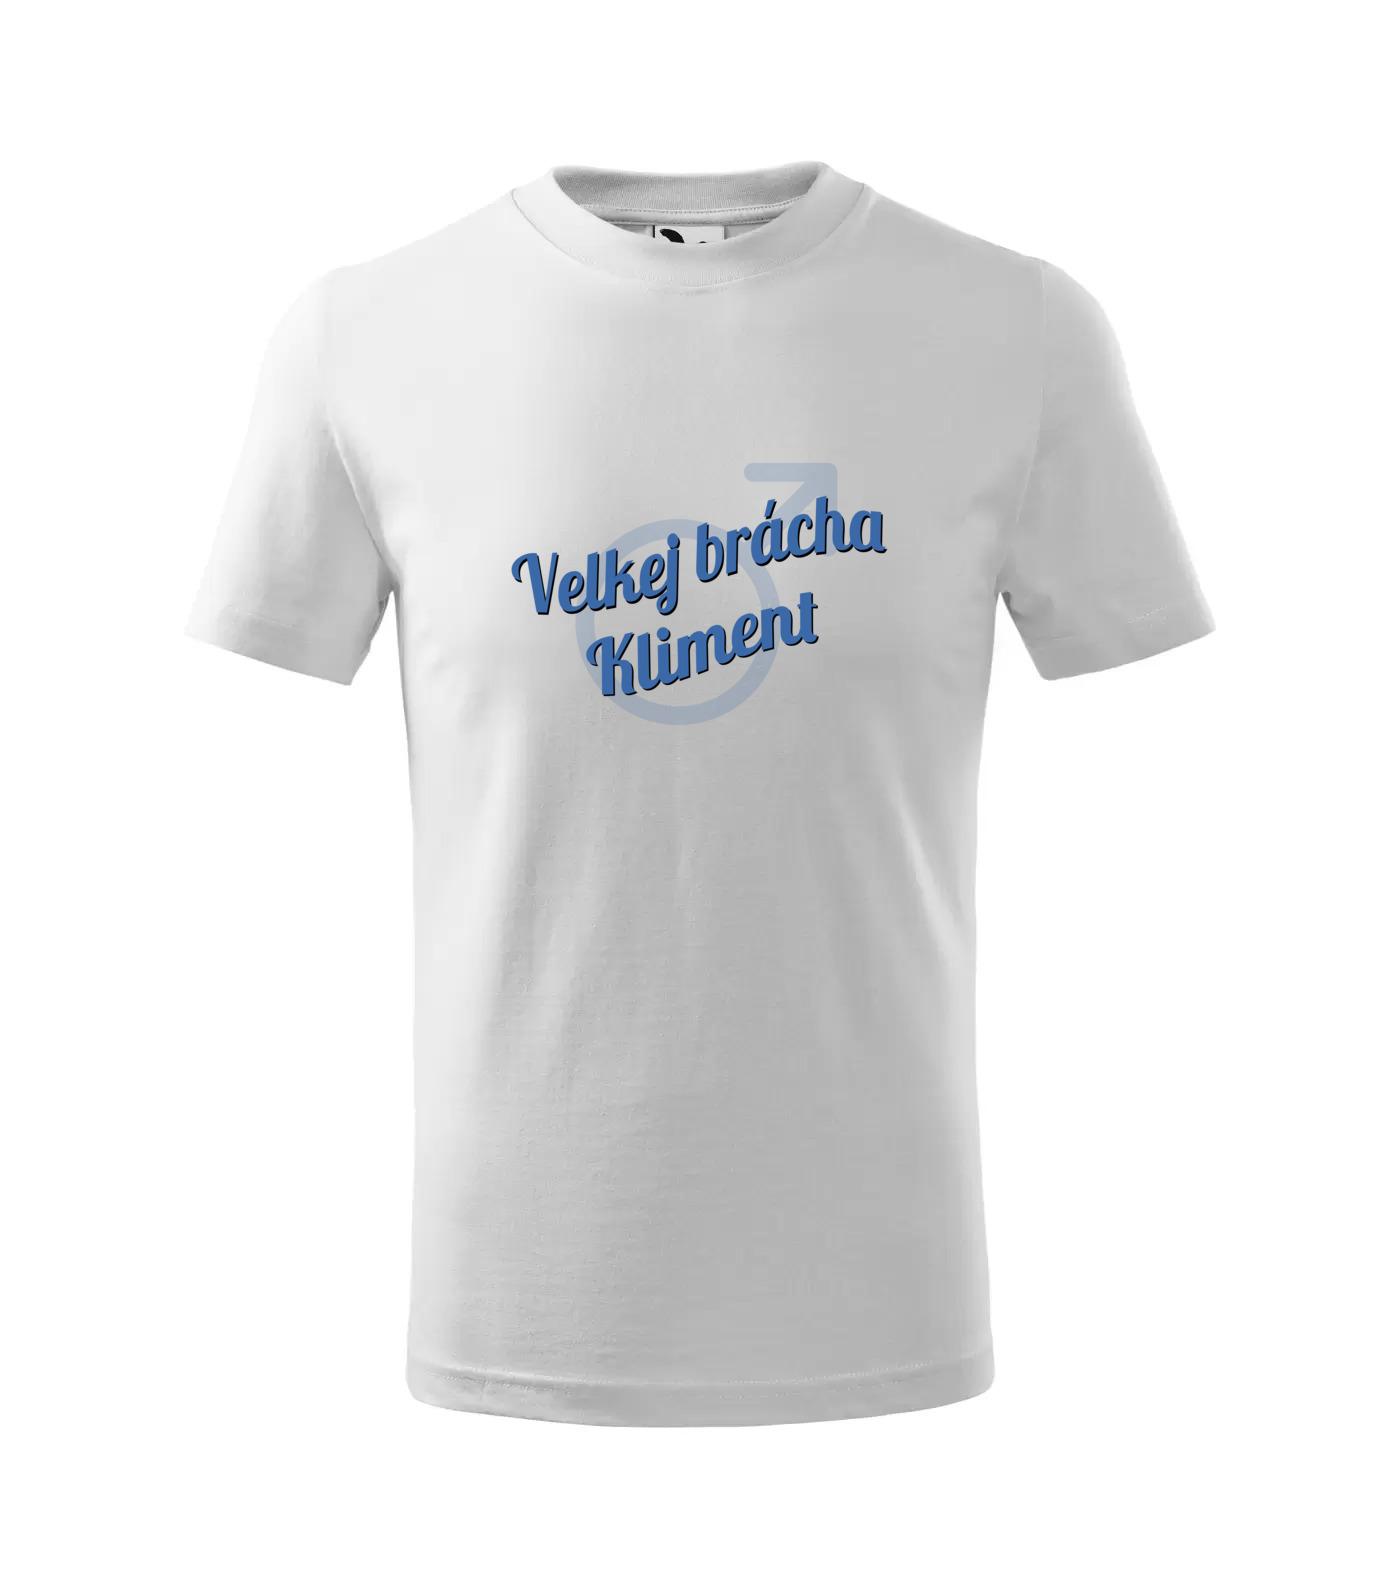 Tričko Velkej brácha Kliment